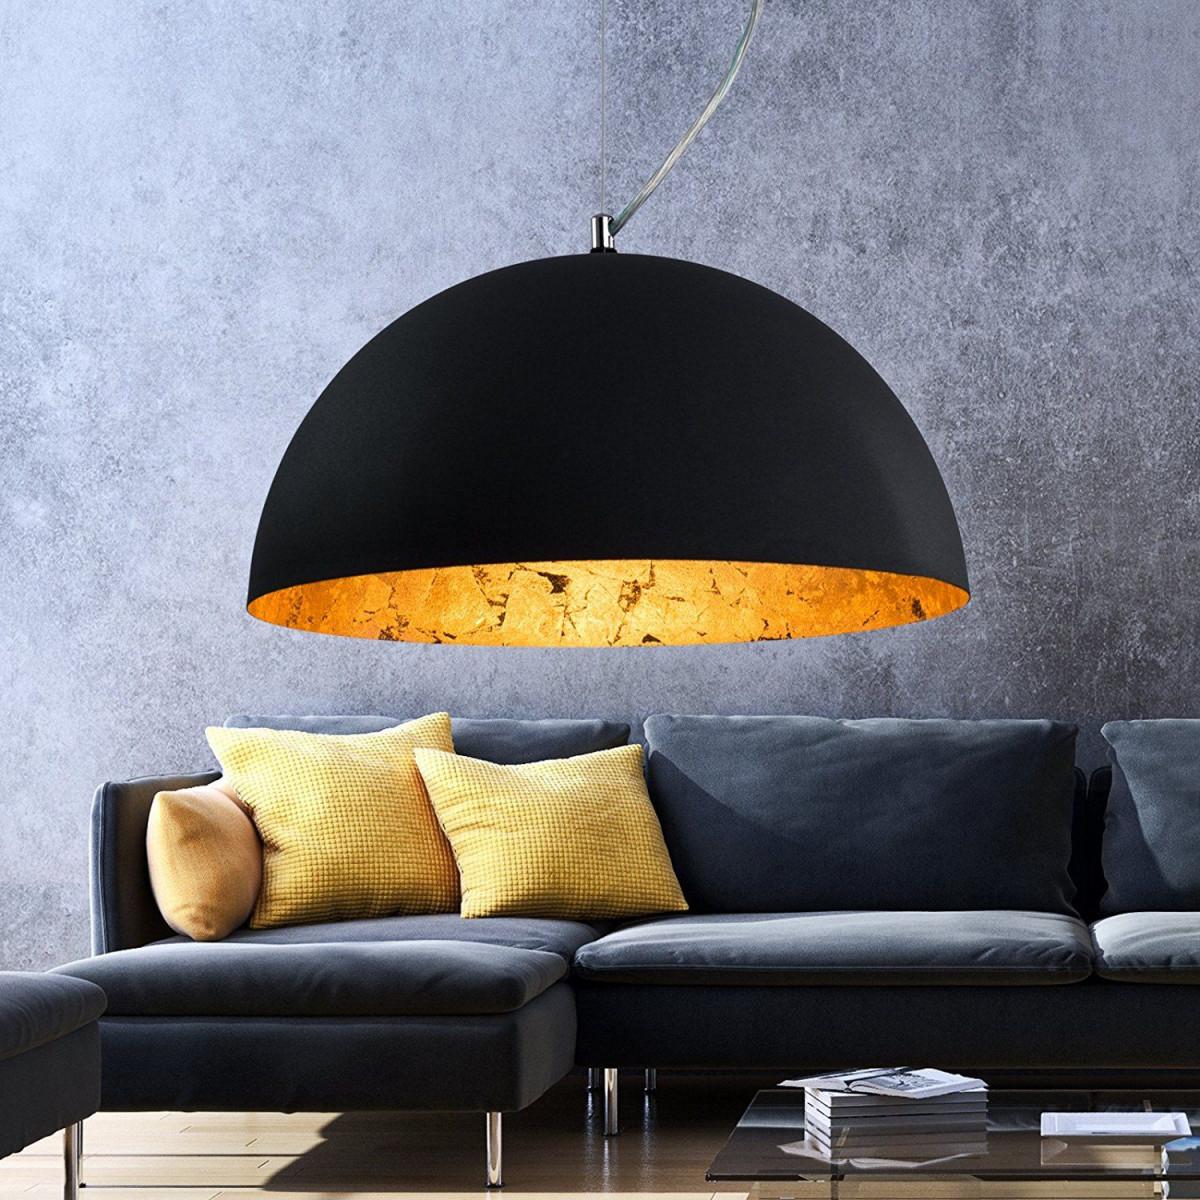 Luxus Hängelampe  Hängeleuchte Studio  Retro  Vintage von Retro Wohnzimmer Lampe Photo